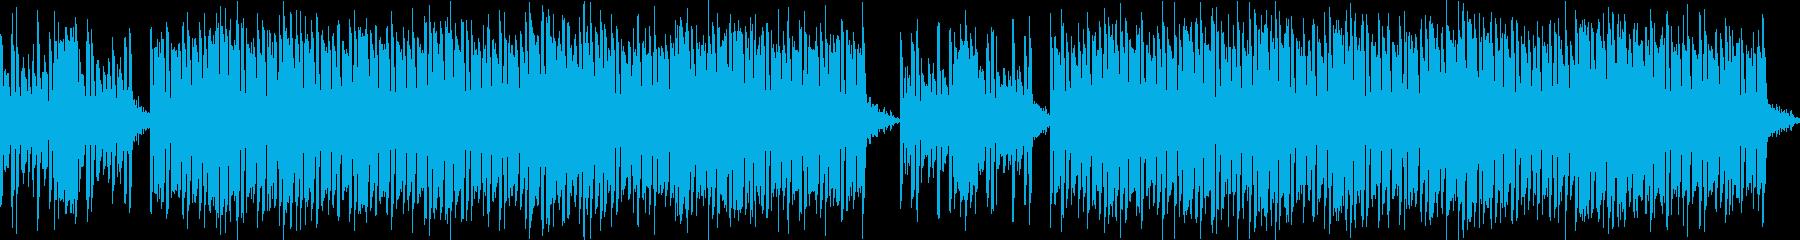 かわいいベルうきうきポップな日常ループdの再生済みの波形